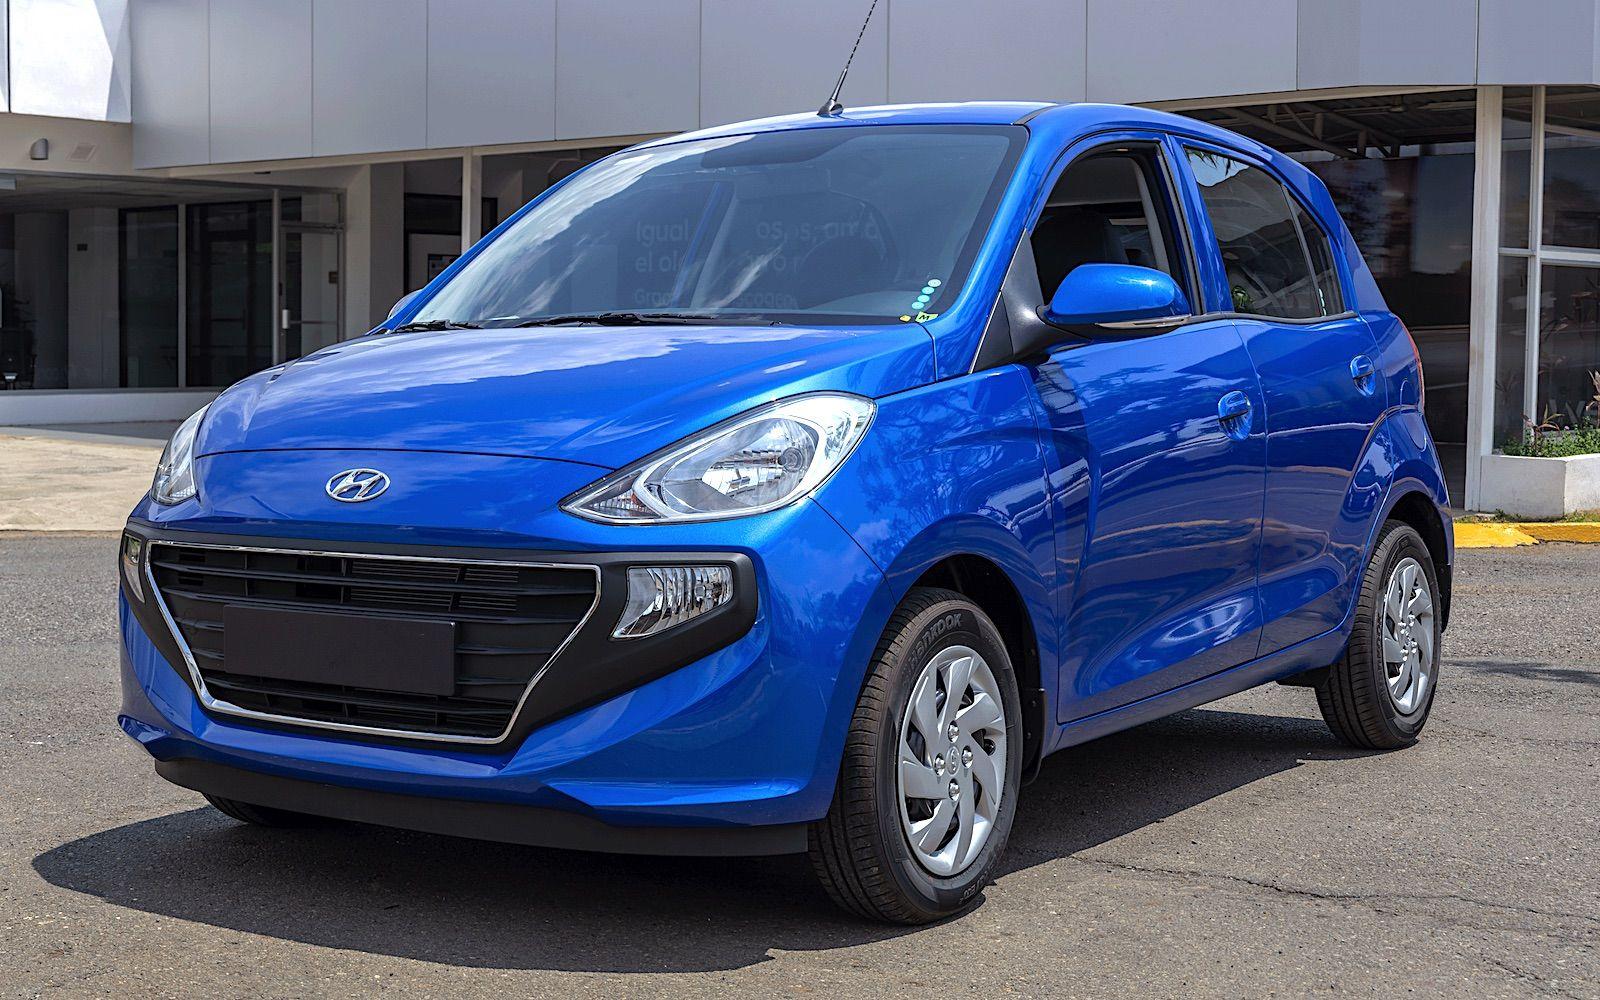 Hyundai Atos 2019 Precios Versiones Y Equipamiento En Costa Rica Fotos De Coches Costa Rica Maleteros